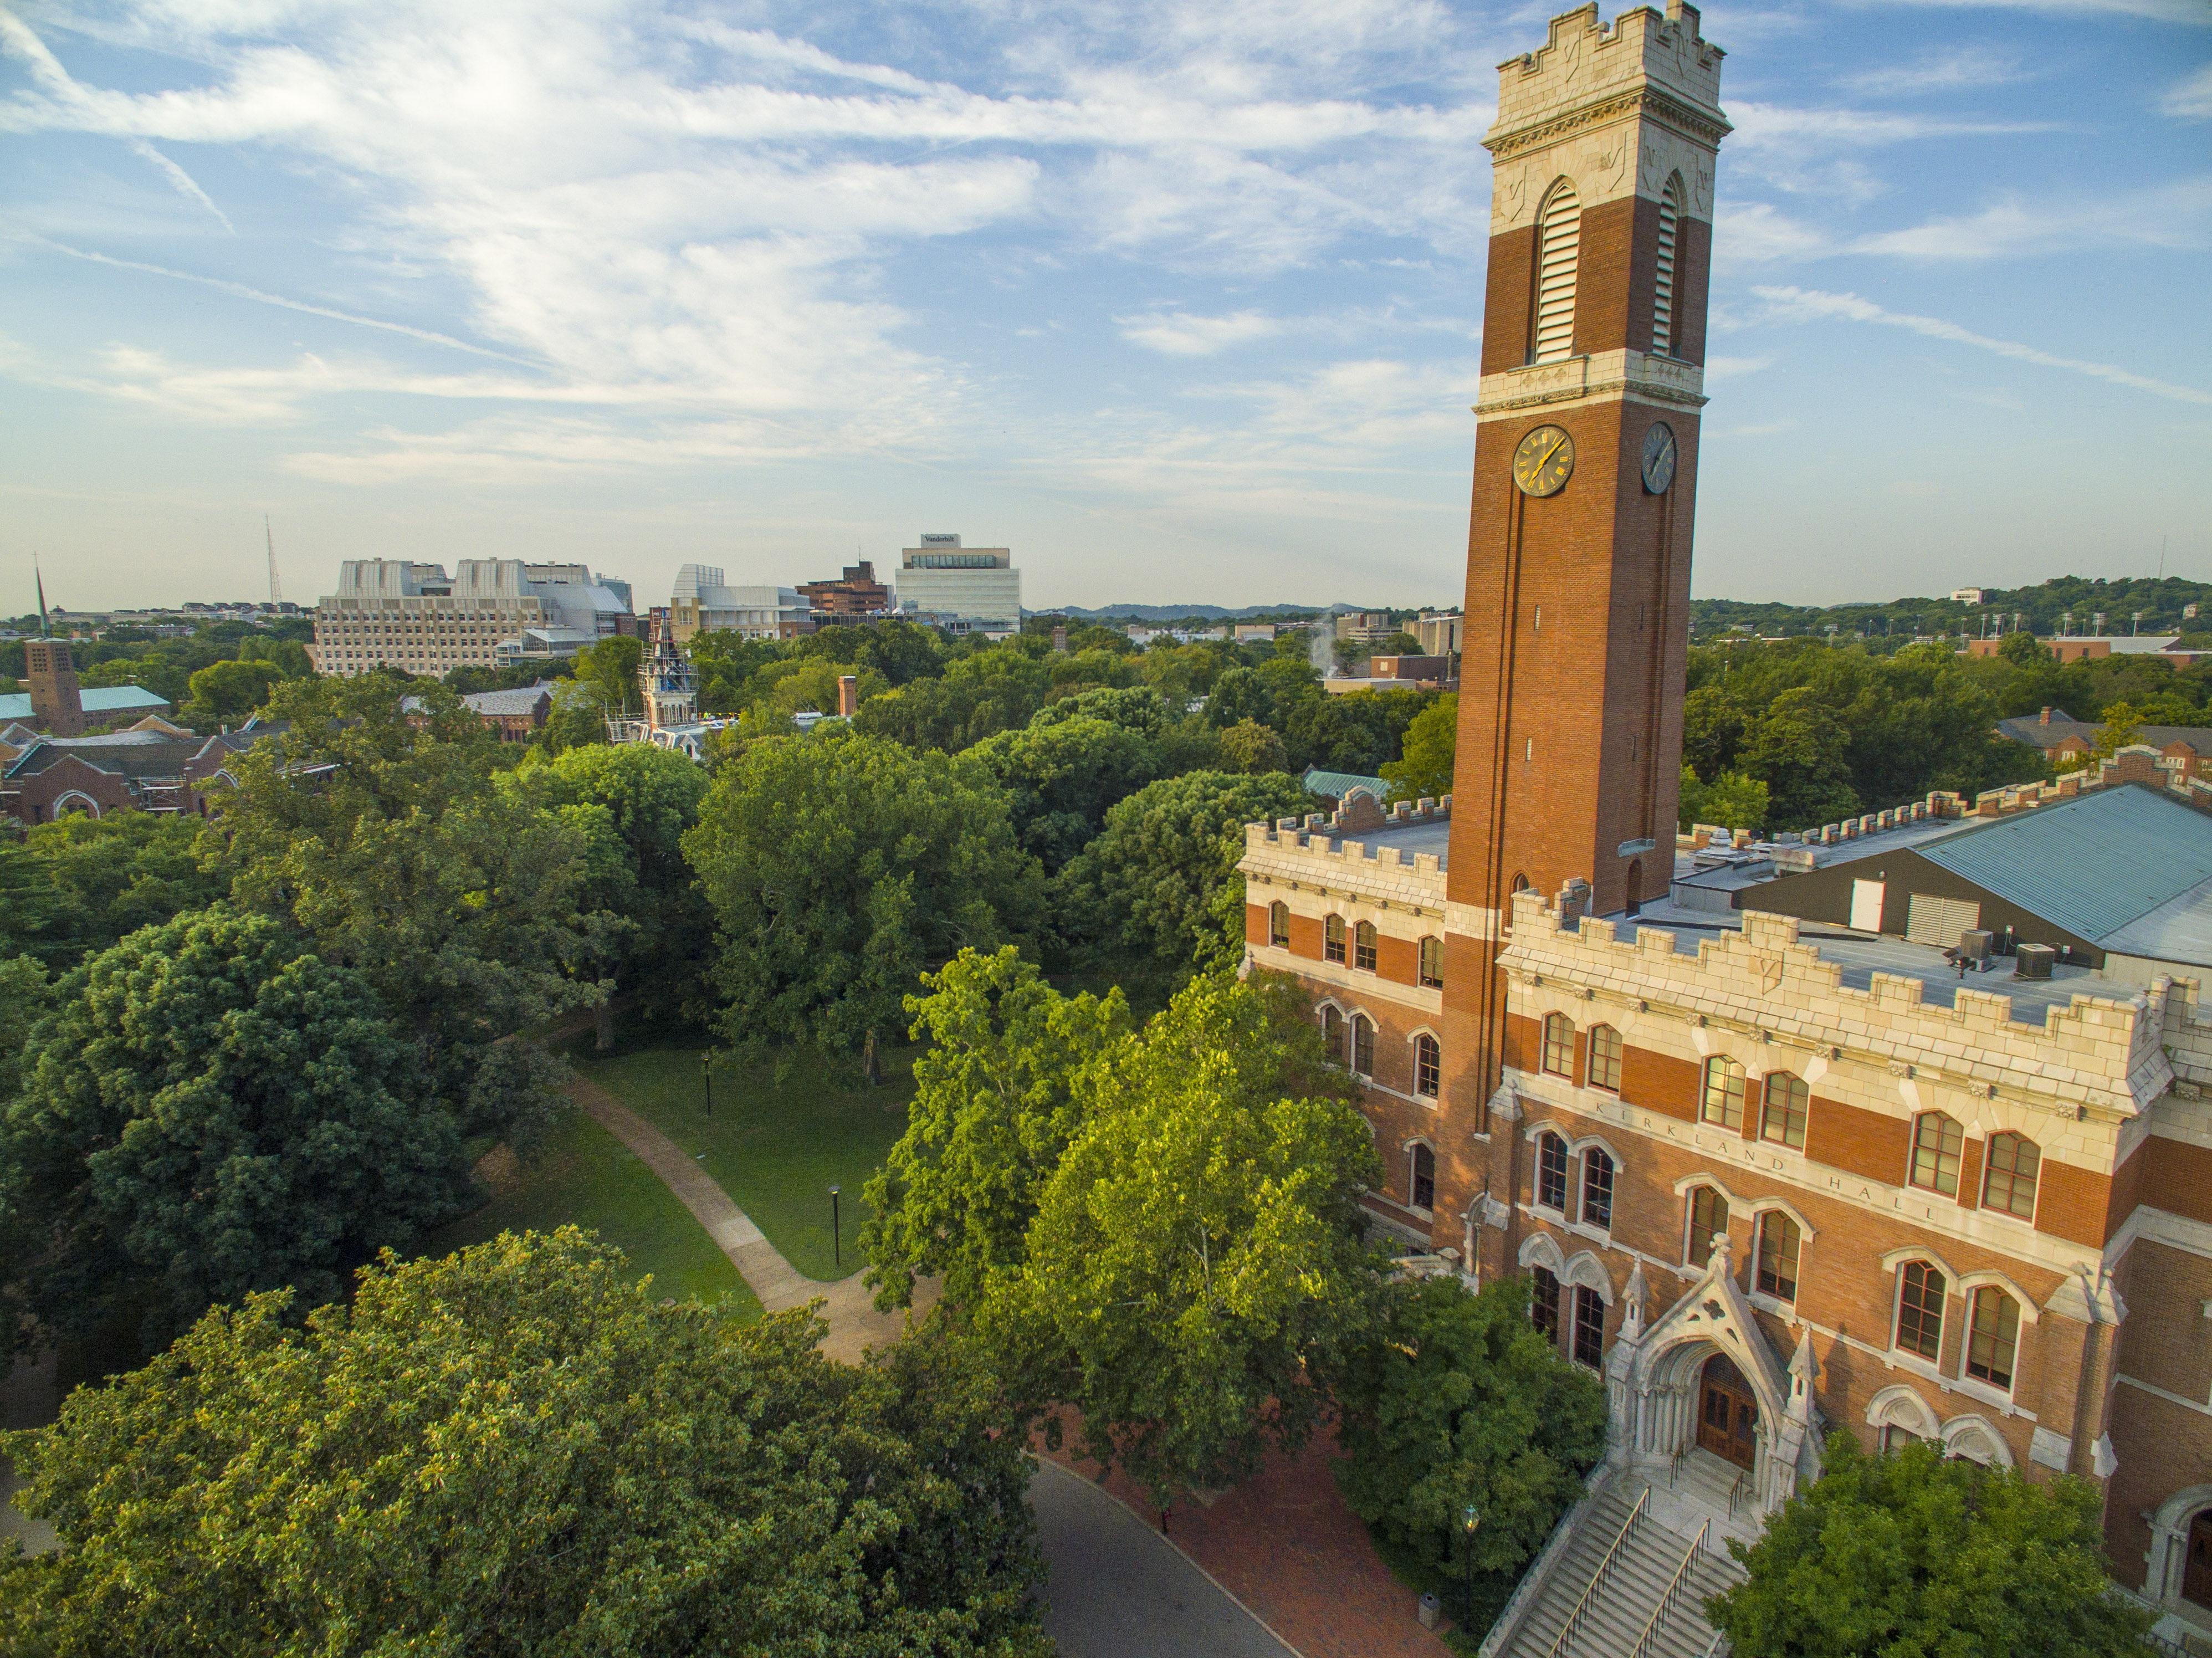 Vanderbilt范德堡大學 - 美國南方的私立名校,擁有美麗的校園及豐富的資源